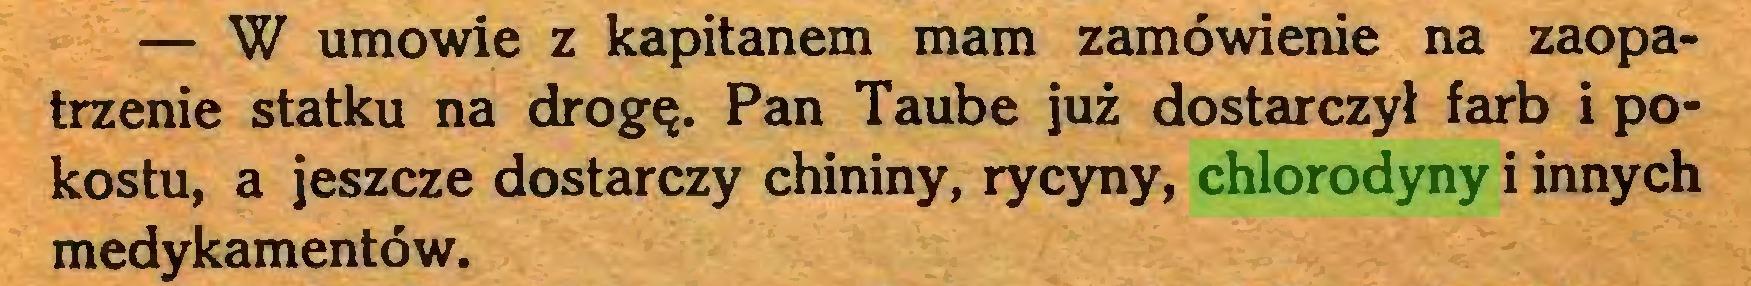 (...) — W umowie z kapitanem mam zamówienie na zaopatrzenie statku na drogę. Pan Taube już dostarczył farb i pokostu, a jeszcze dostarczy chininy, rycyny, chlorodyny i innych medykamentów...